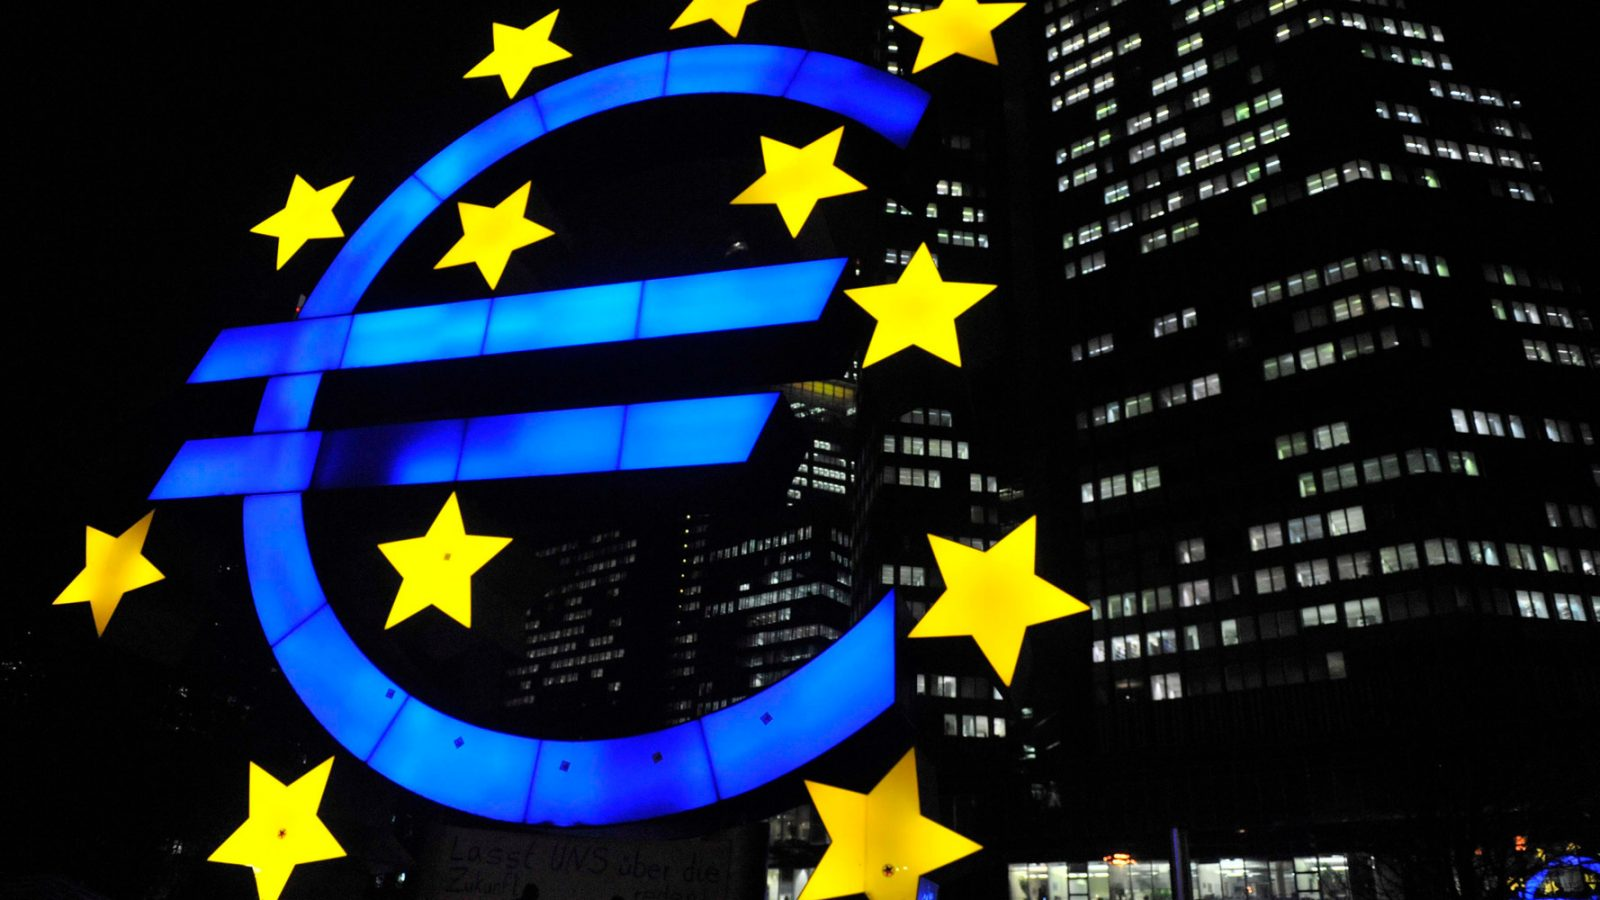 La scultura raffigurante il glifo dell'euro, di fronte all'ex palazzo della Banca centrale europea, a Francoforte sul Meno (fonte: Imagoeconomica)